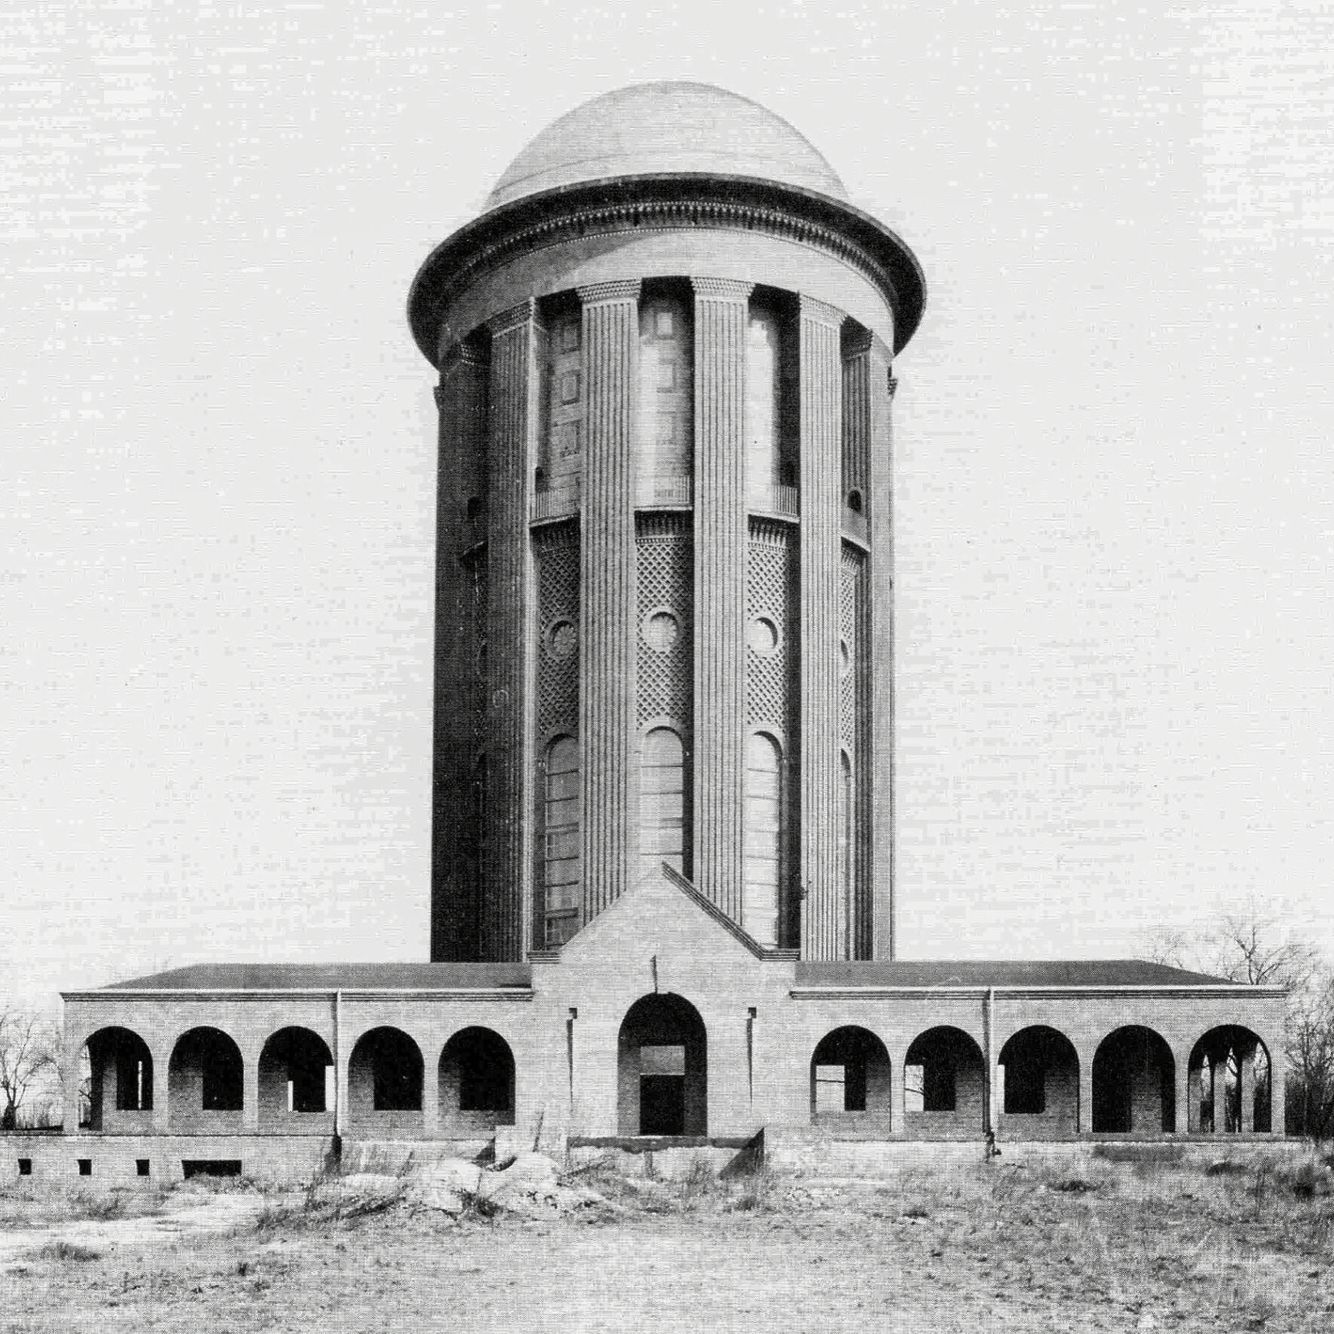 Water tower steglitz berlin hans heinrich müller 1915 19